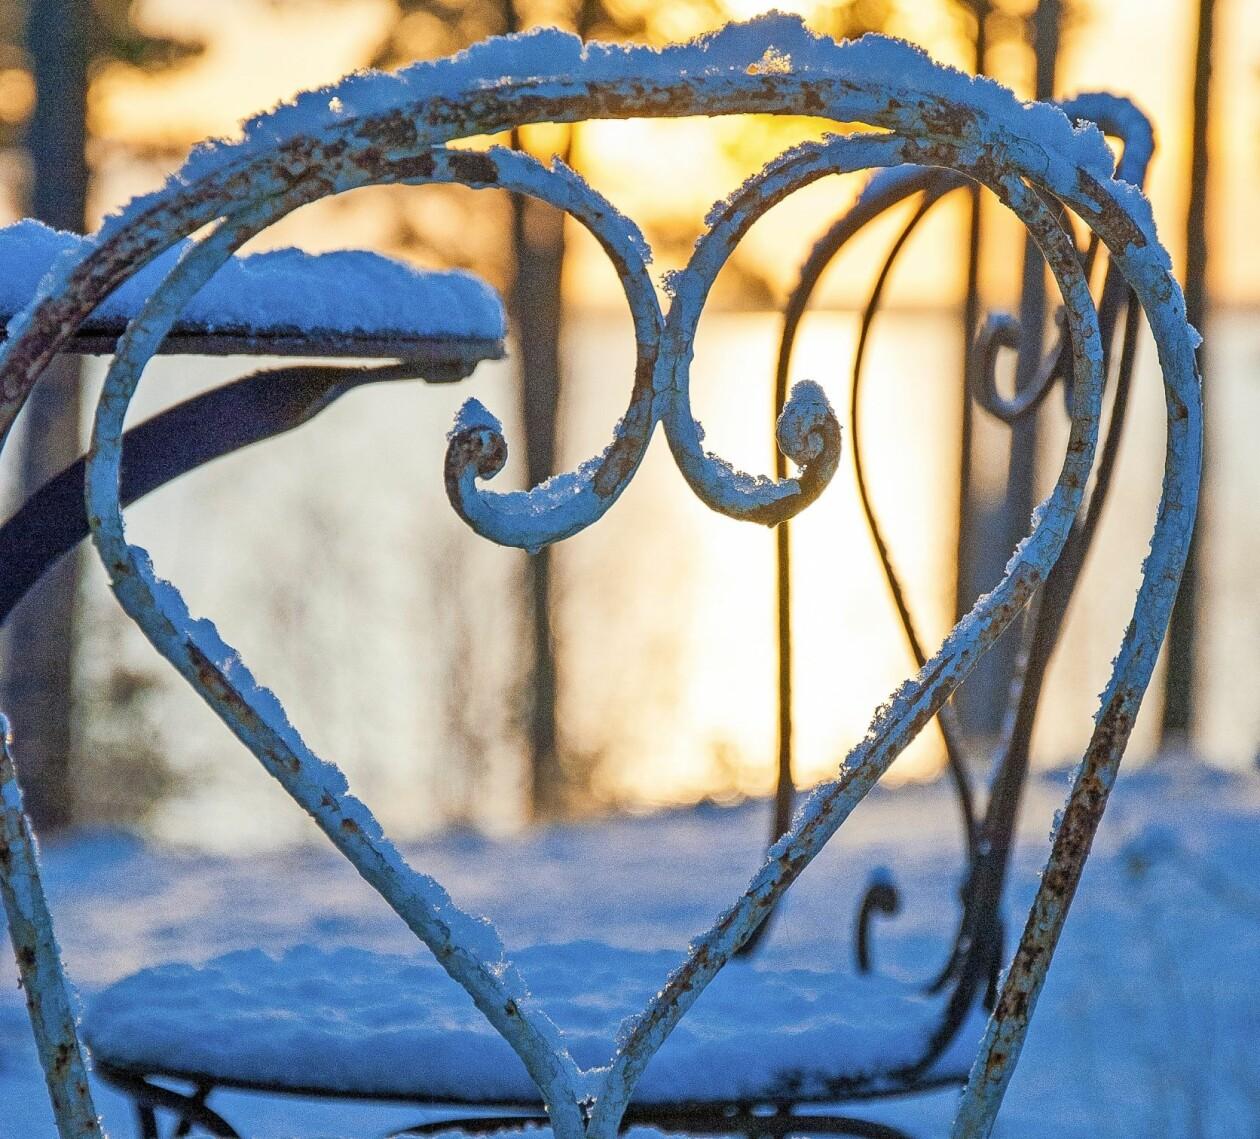 En snötäckt stol i solnedgången i vinterträdgården.